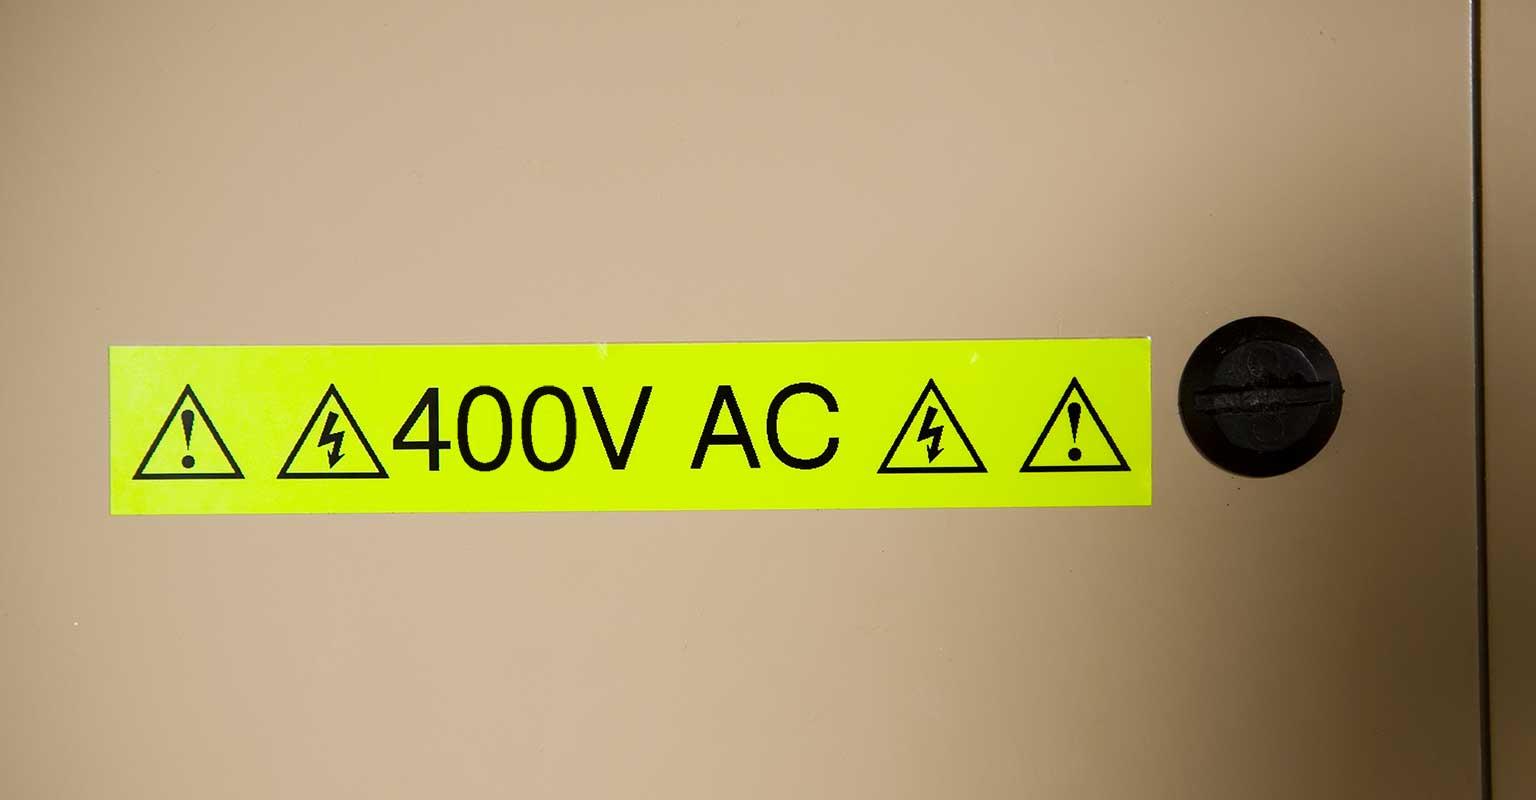 Opozorilni znak Brother fluorescenčnega traku, ki prikazuje 400 voltov AC